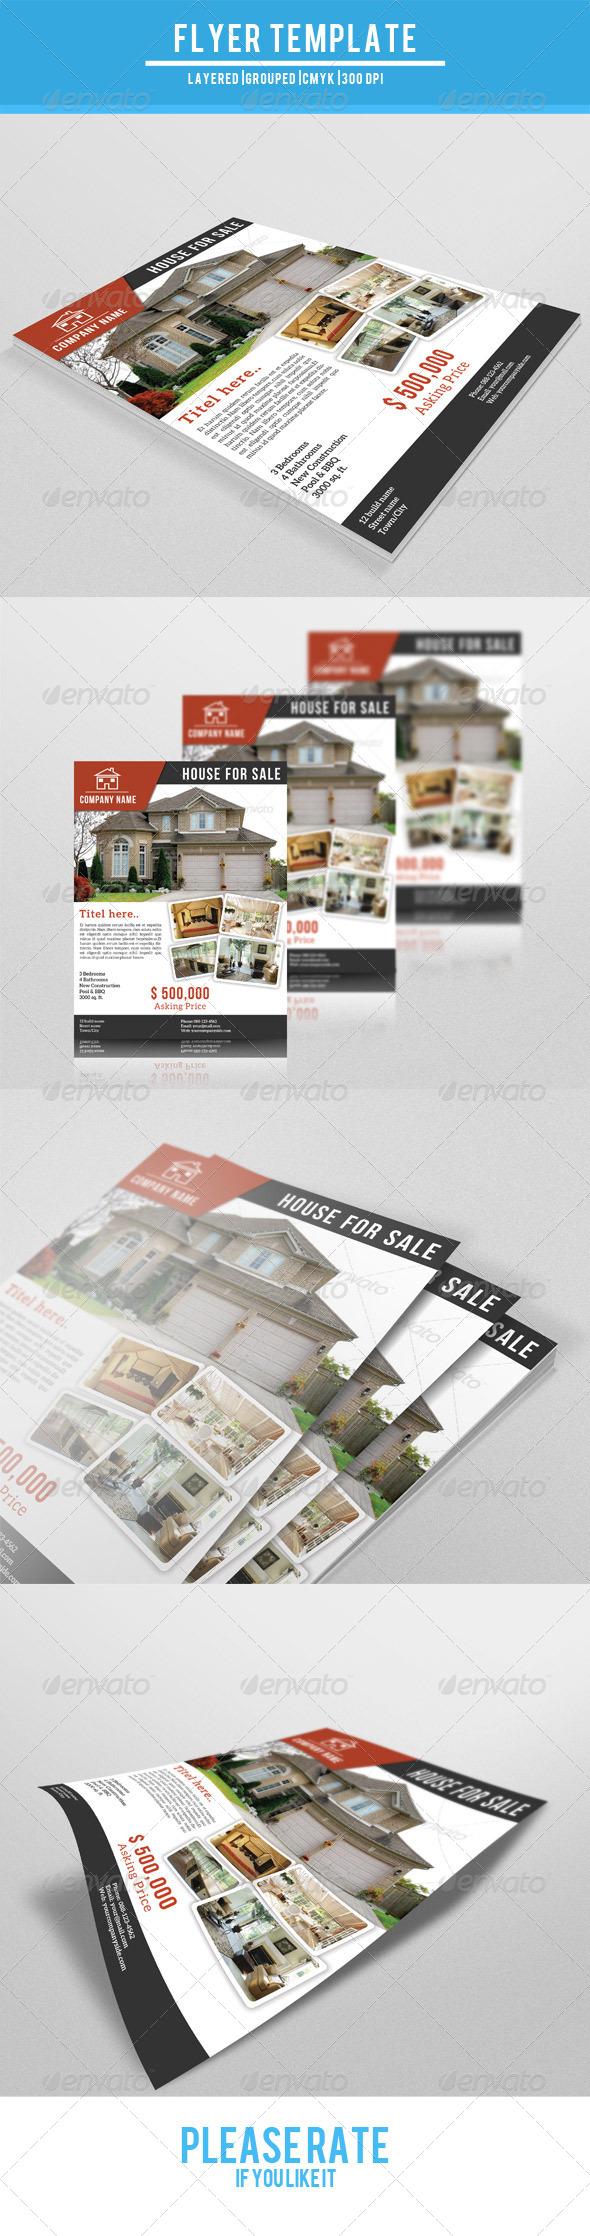 GraphicRiver Real Estate Flyer-V08 7764213